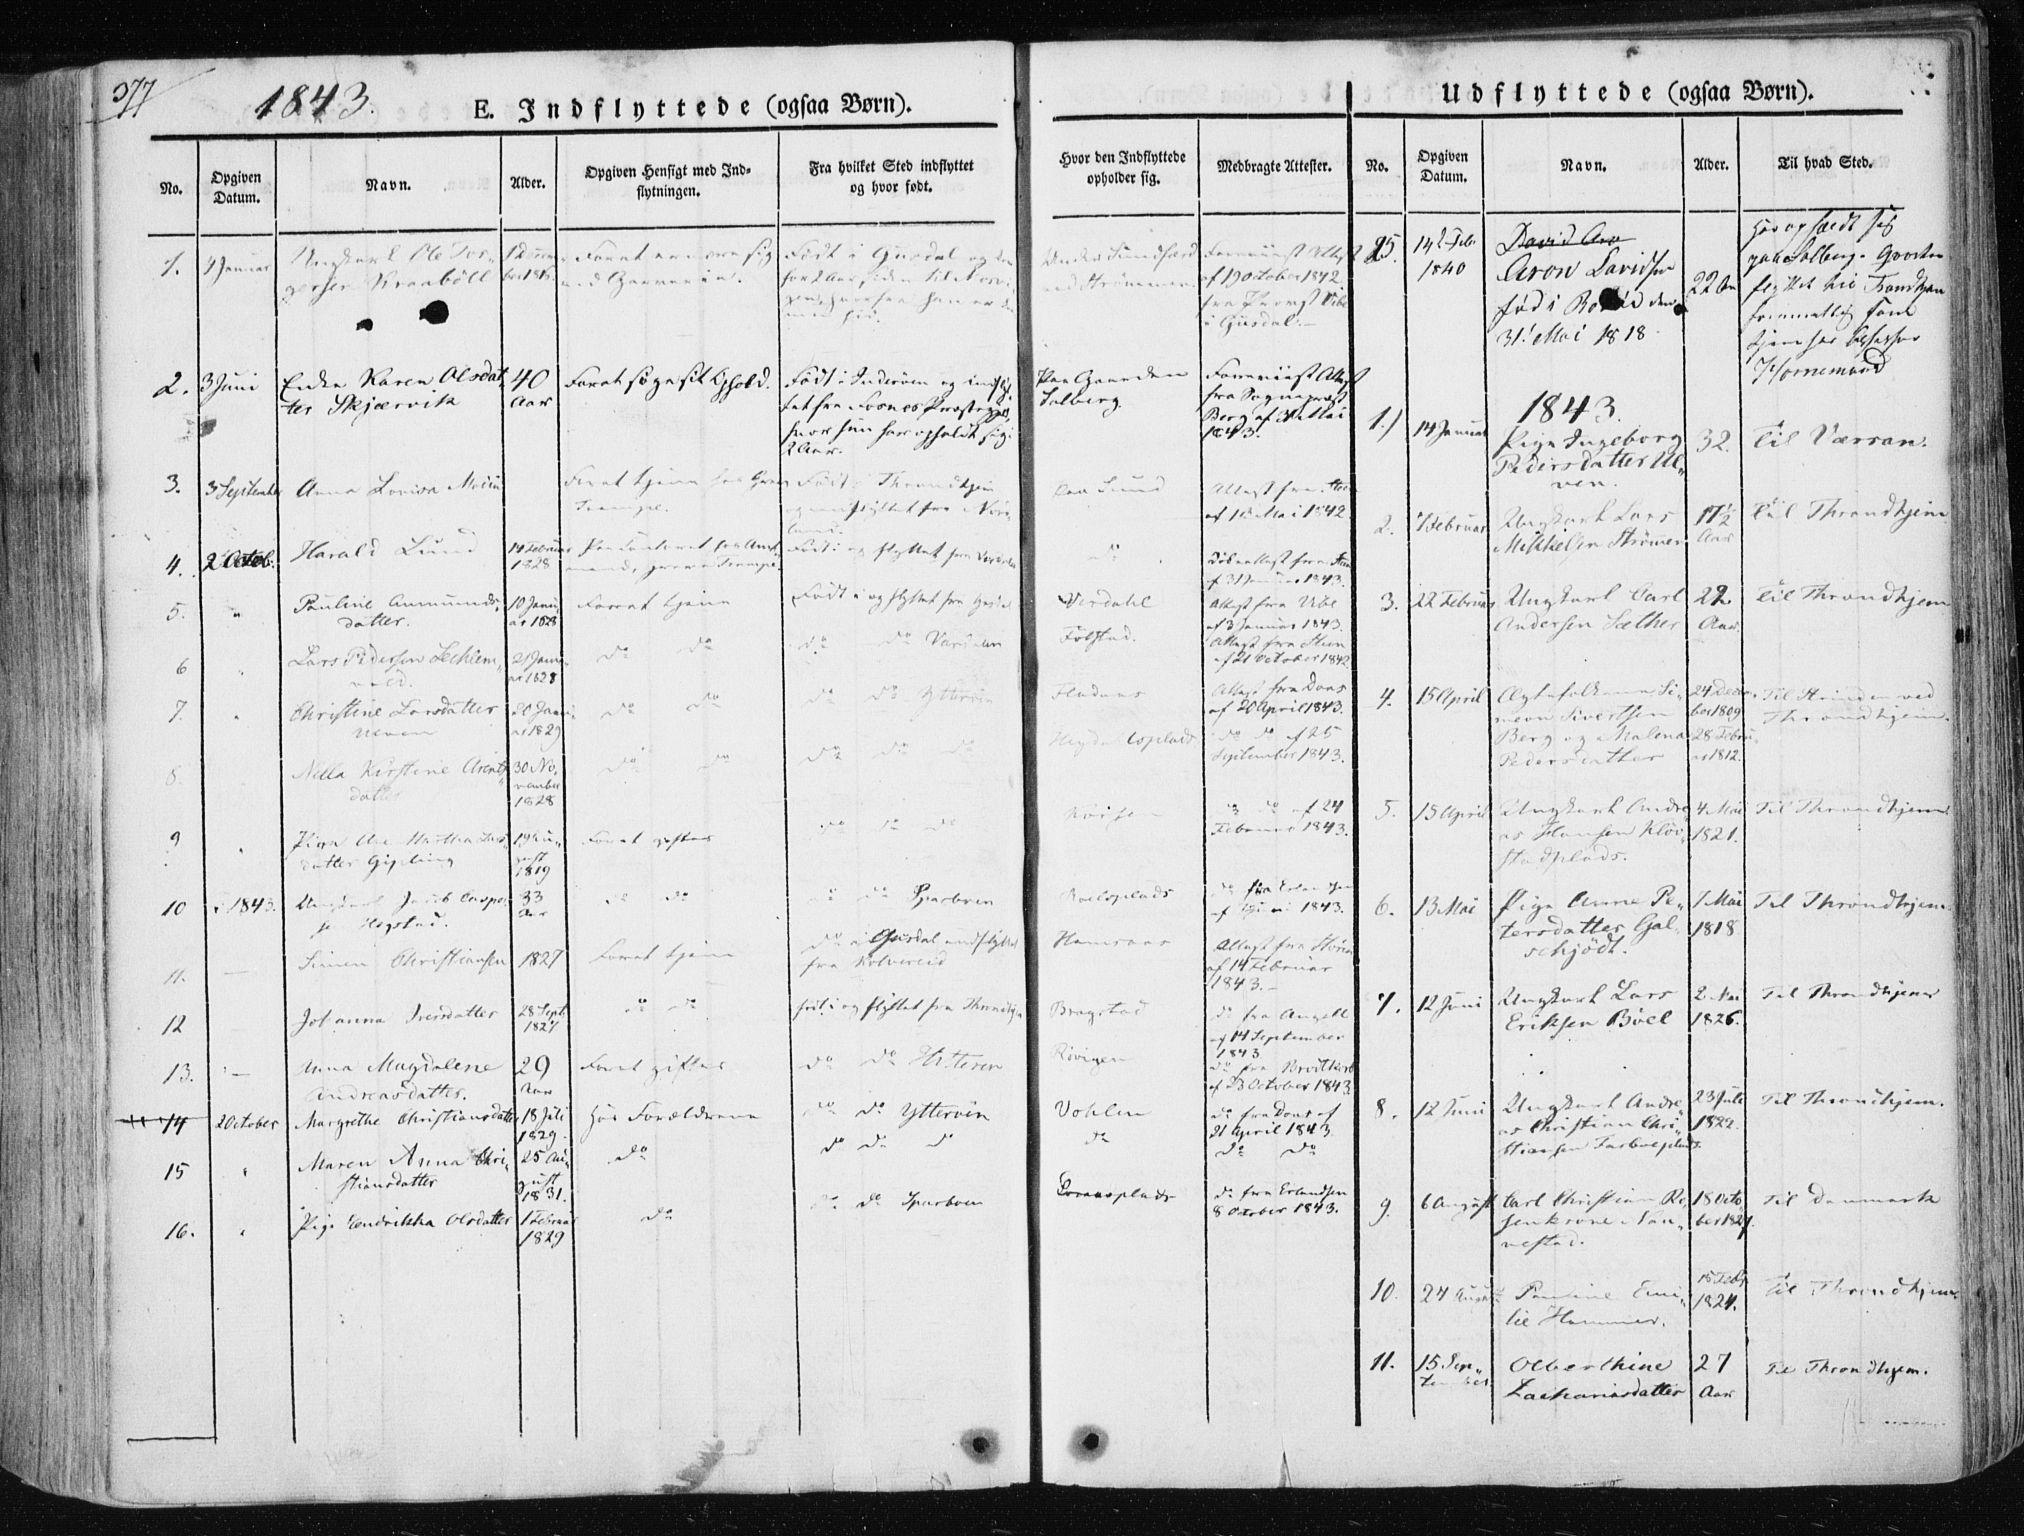 SAT, Ministerialprotokoller, klokkerbøker og fødselsregistre - Nord-Trøndelag, 730/L0280: Ministerialbok nr. 730A07 /1, 1840-1854, s. 377